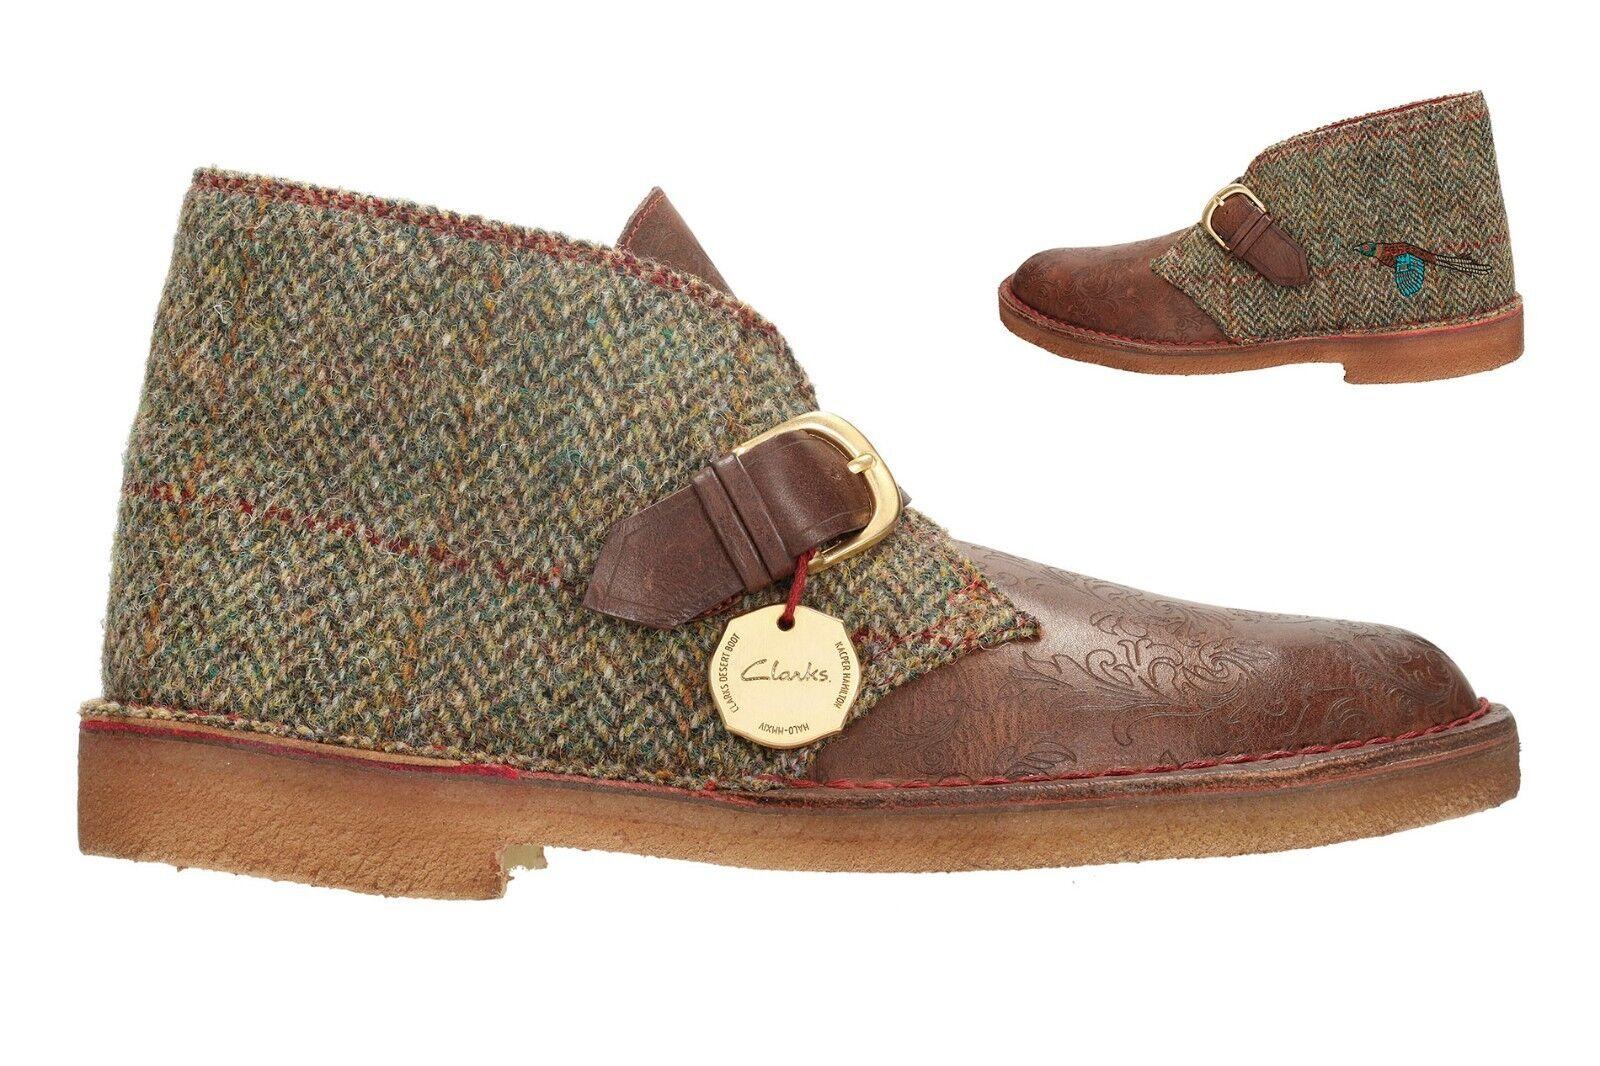 Clarks Original Men  Combi Desert Gent Braun Tweed Combi   65 Years UK 9,10,11 G ca8b8f